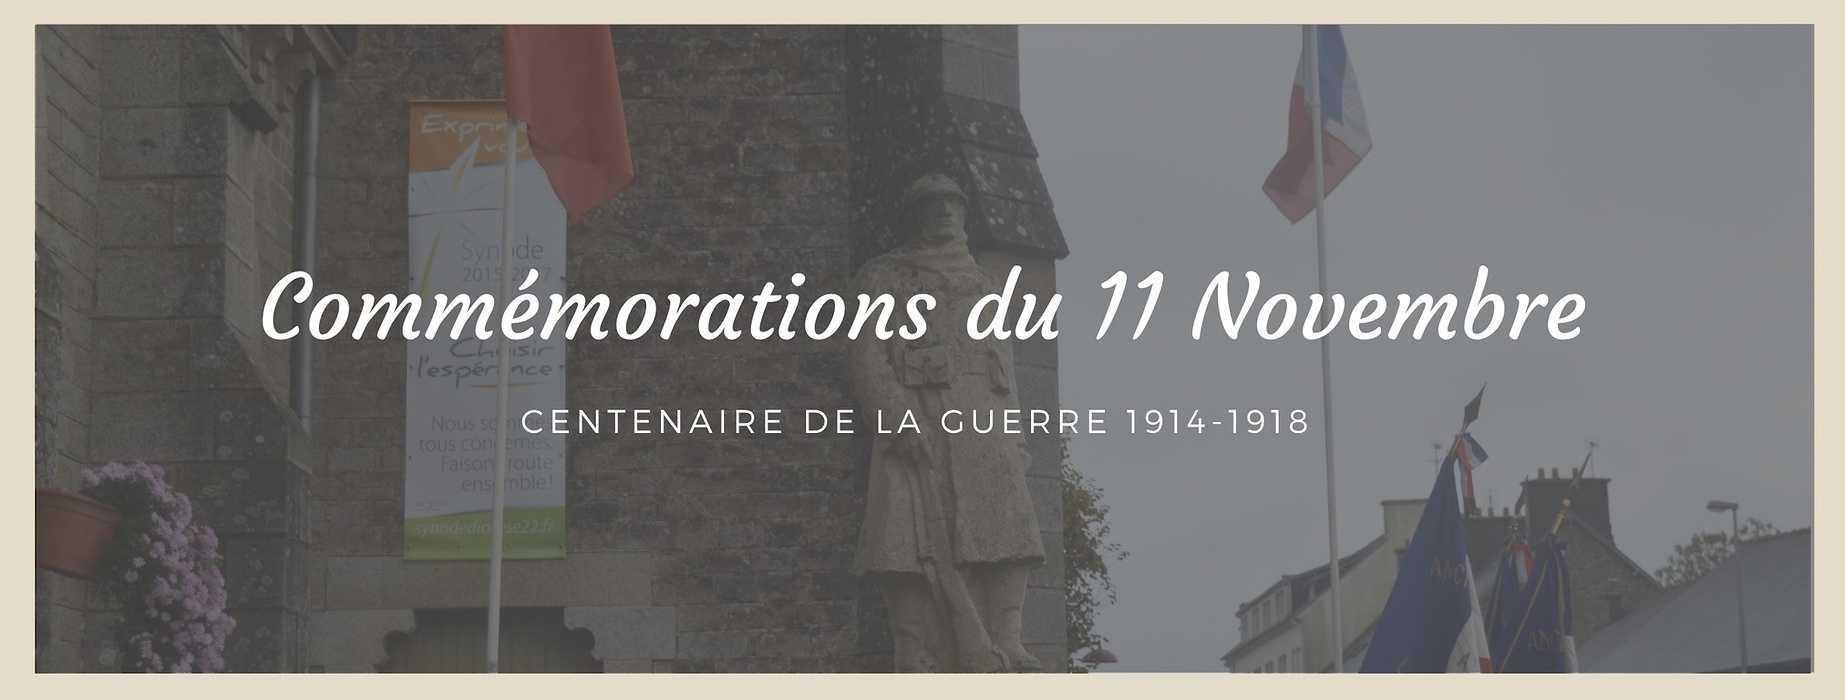 Centenaire de la Guerre 1914-1918 à Plœuc-L''Hermitage 0